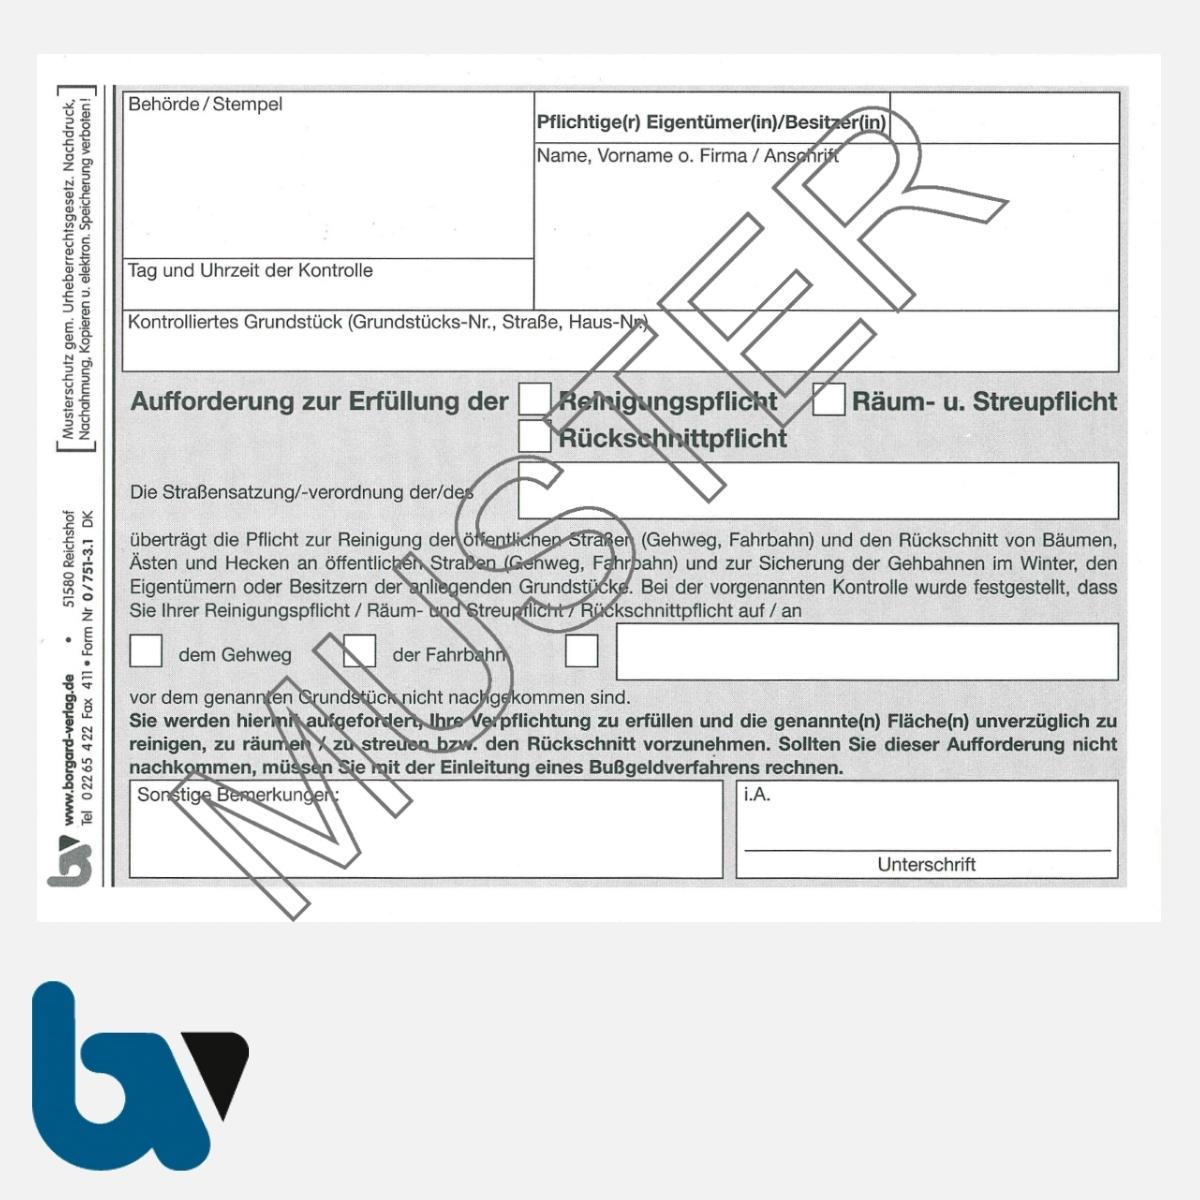 0/751-3.1 Aufforderung Erfüllung Reinigungspflicht Räumpflicht Rückschnittpflicht Gehweg Fahrbahn selbstdurchschreibend DIN A6 2fach Seite 1 | Borgard Verlag GmbH